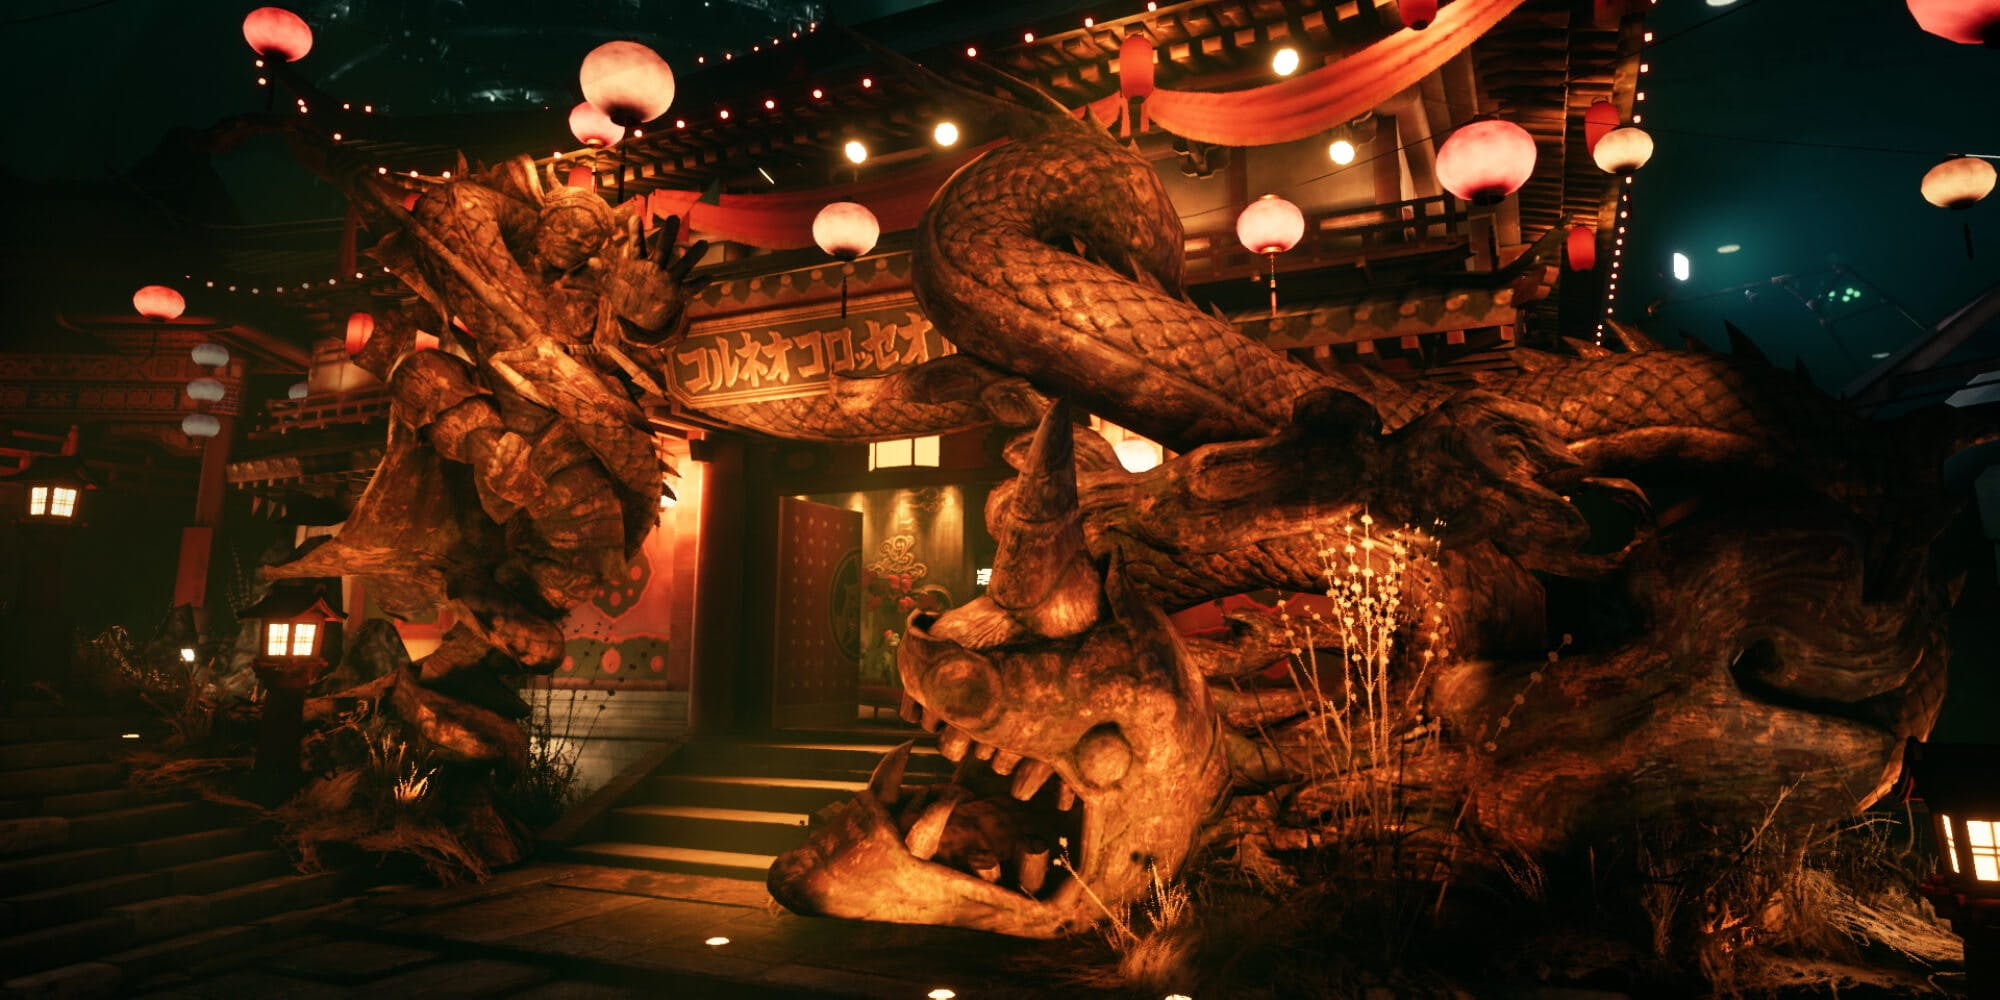 Final Fantasy VII Remake - world